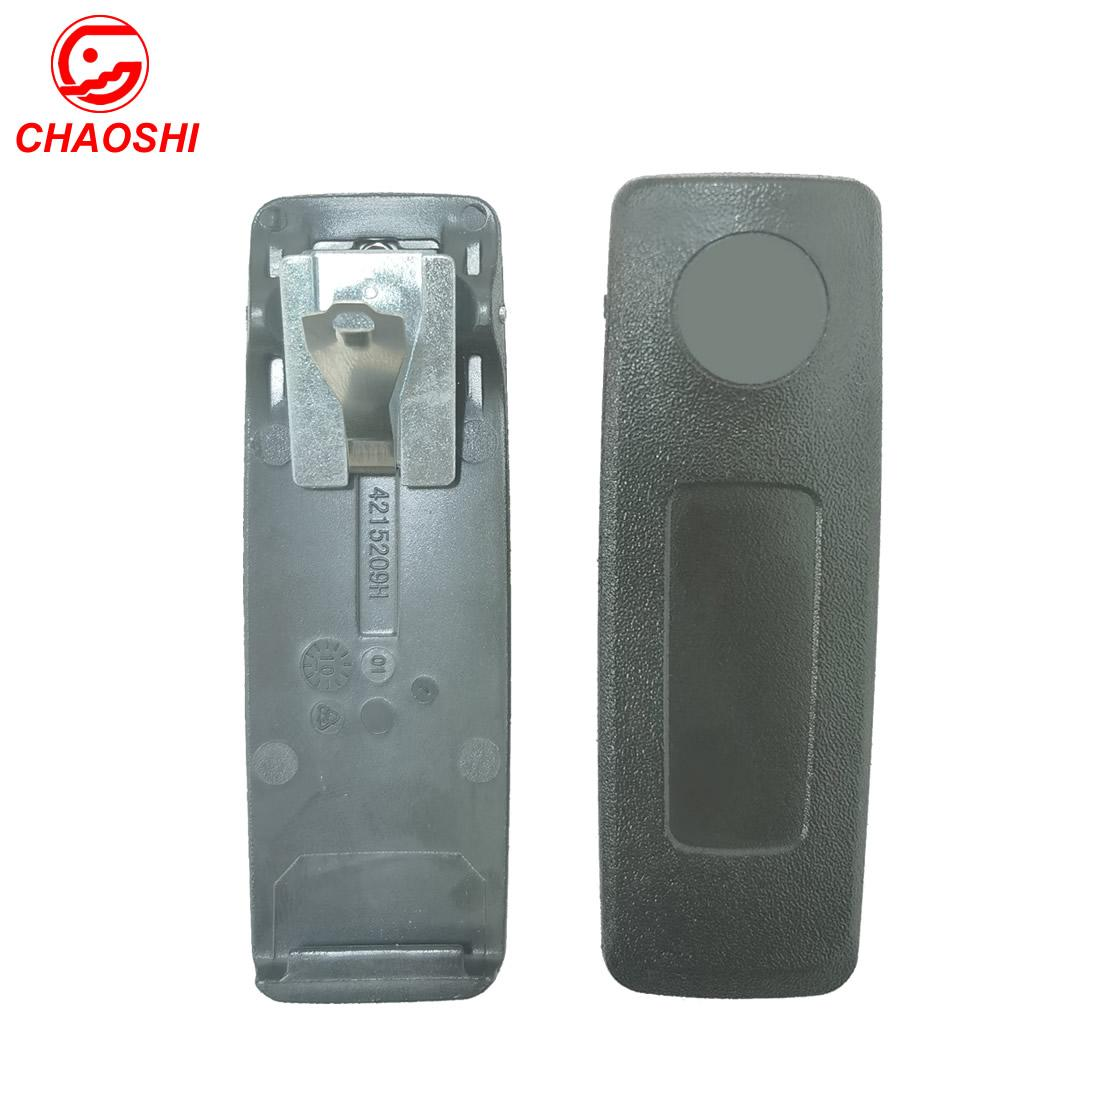 对讲机电池后夹PMLN4652 4